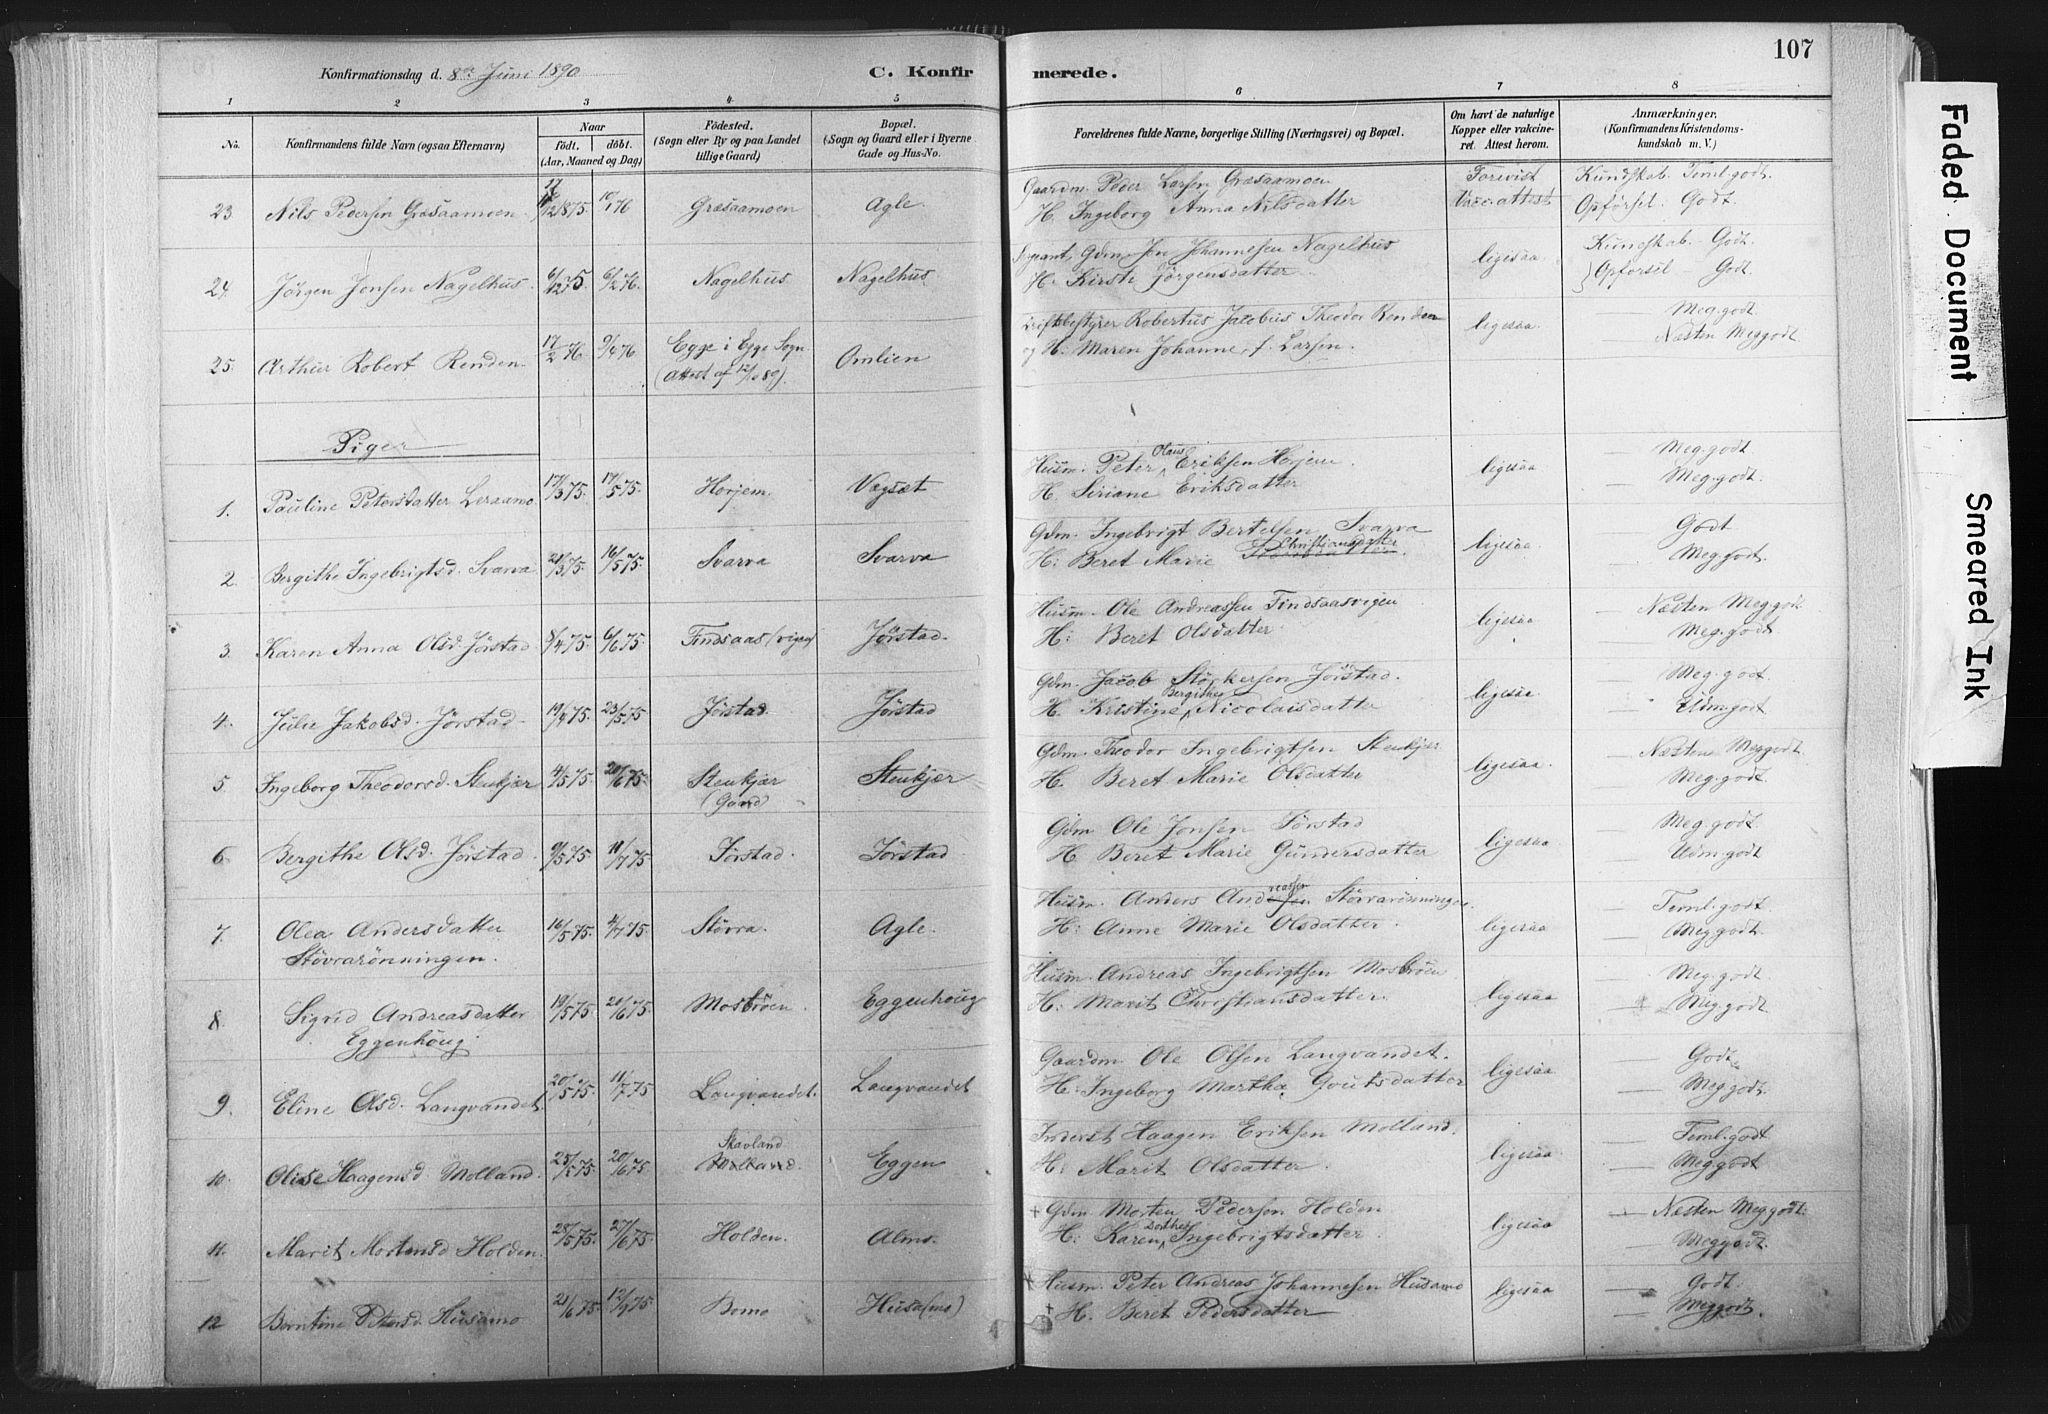 SAT, Ministerialprotokoller, klokkerbøker og fødselsregistre - Nord-Trøndelag, 749/L0474: Ministerialbok nr. 749A08, 1887-1903, s. 107